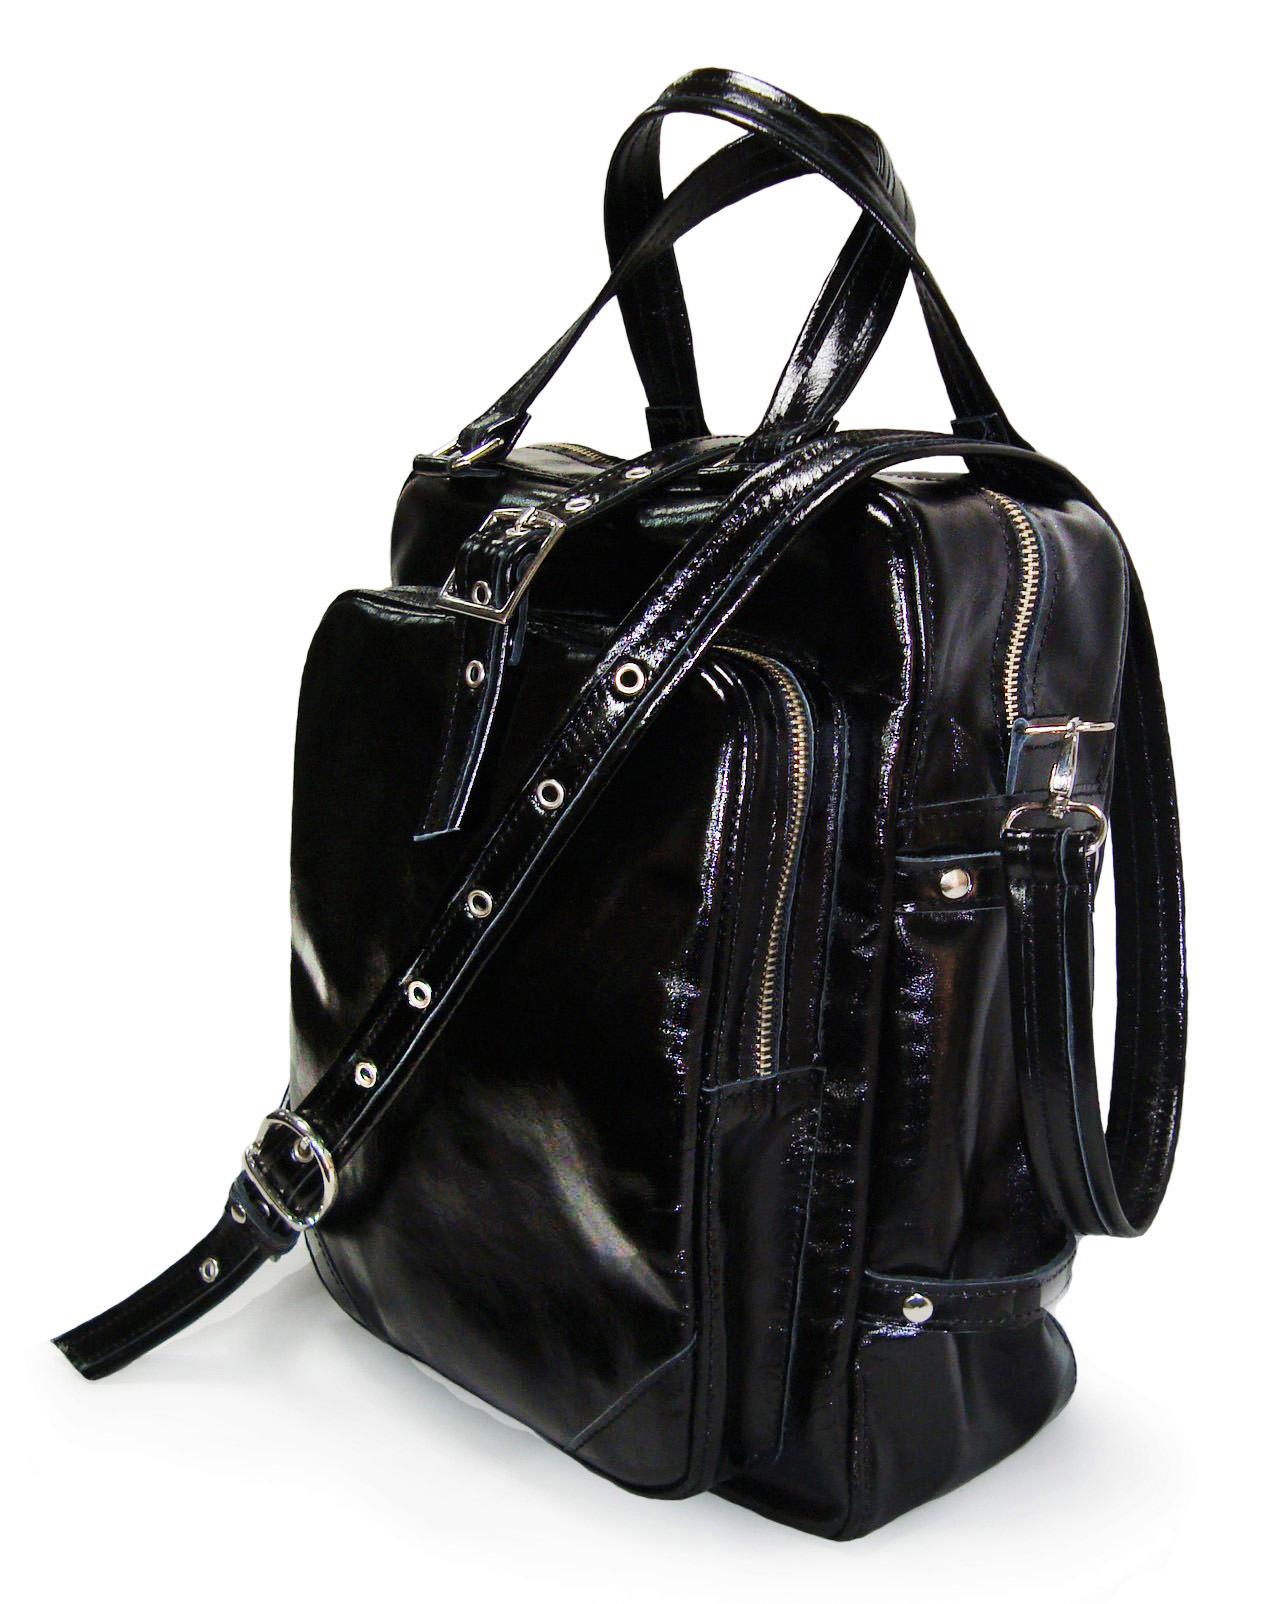 Муж. сумка Модель № 7-2Сумки и др. изделия из кожи<br>Высота сумки: 33 см <br>Ширина сумки: 25 см <br>Ширина верх: 9,5 см <br>Ширина бок: 12-9,5 см <br>Длинна ручек: 40см <br>Длинна ремня: 120 см<br><br>Тип: Муж. сумка<br>Размер: -<br>Материал: Натуральная кожа